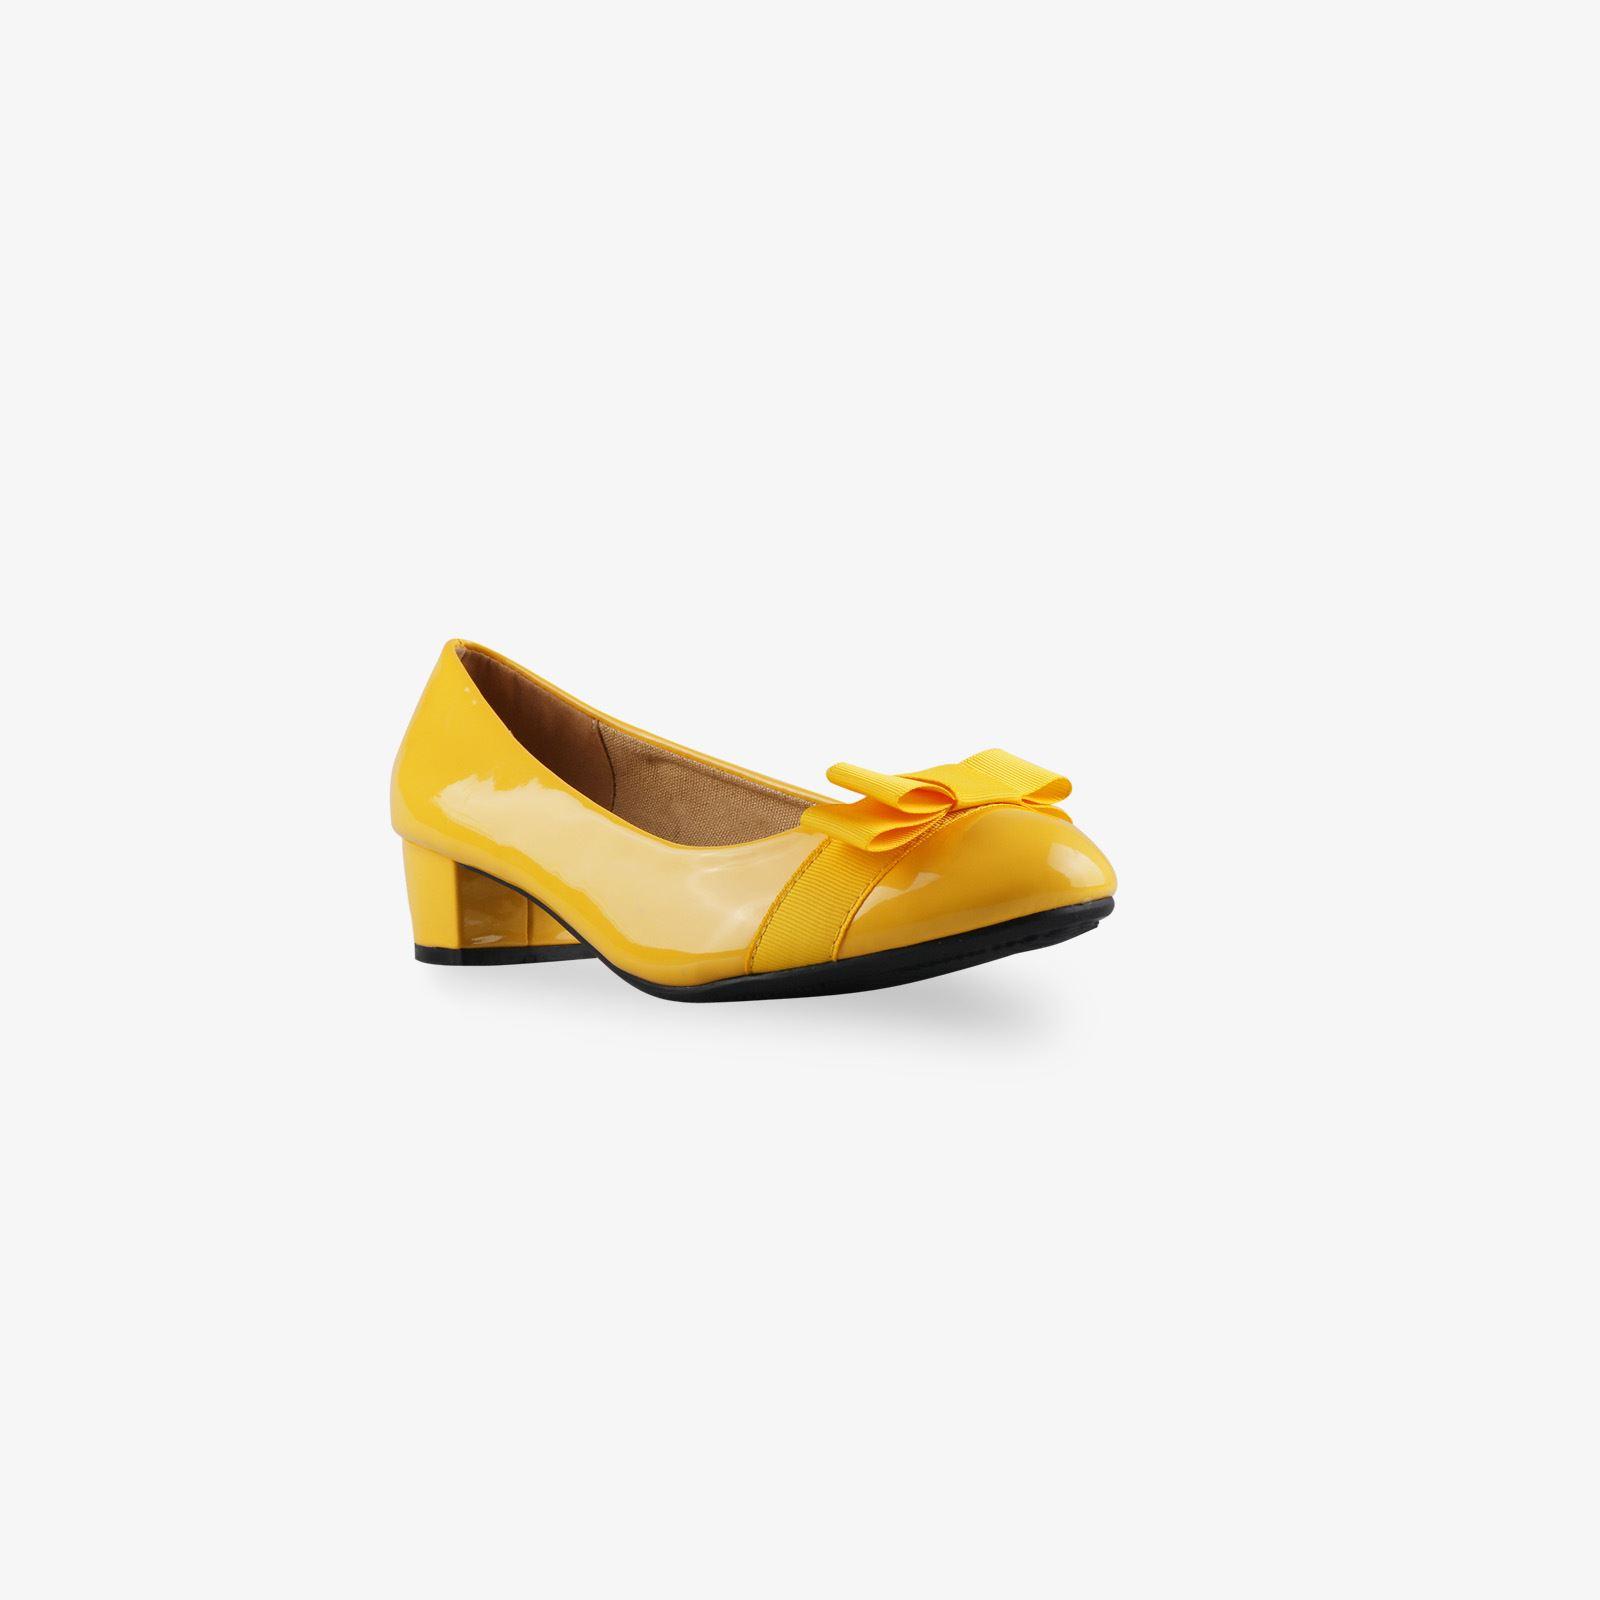 Damen-Elegante-Absatzschuhe-Hochlganz-Pumps-Blockabsatz-Ballerina-Schuhe-Chic Indexbild 8